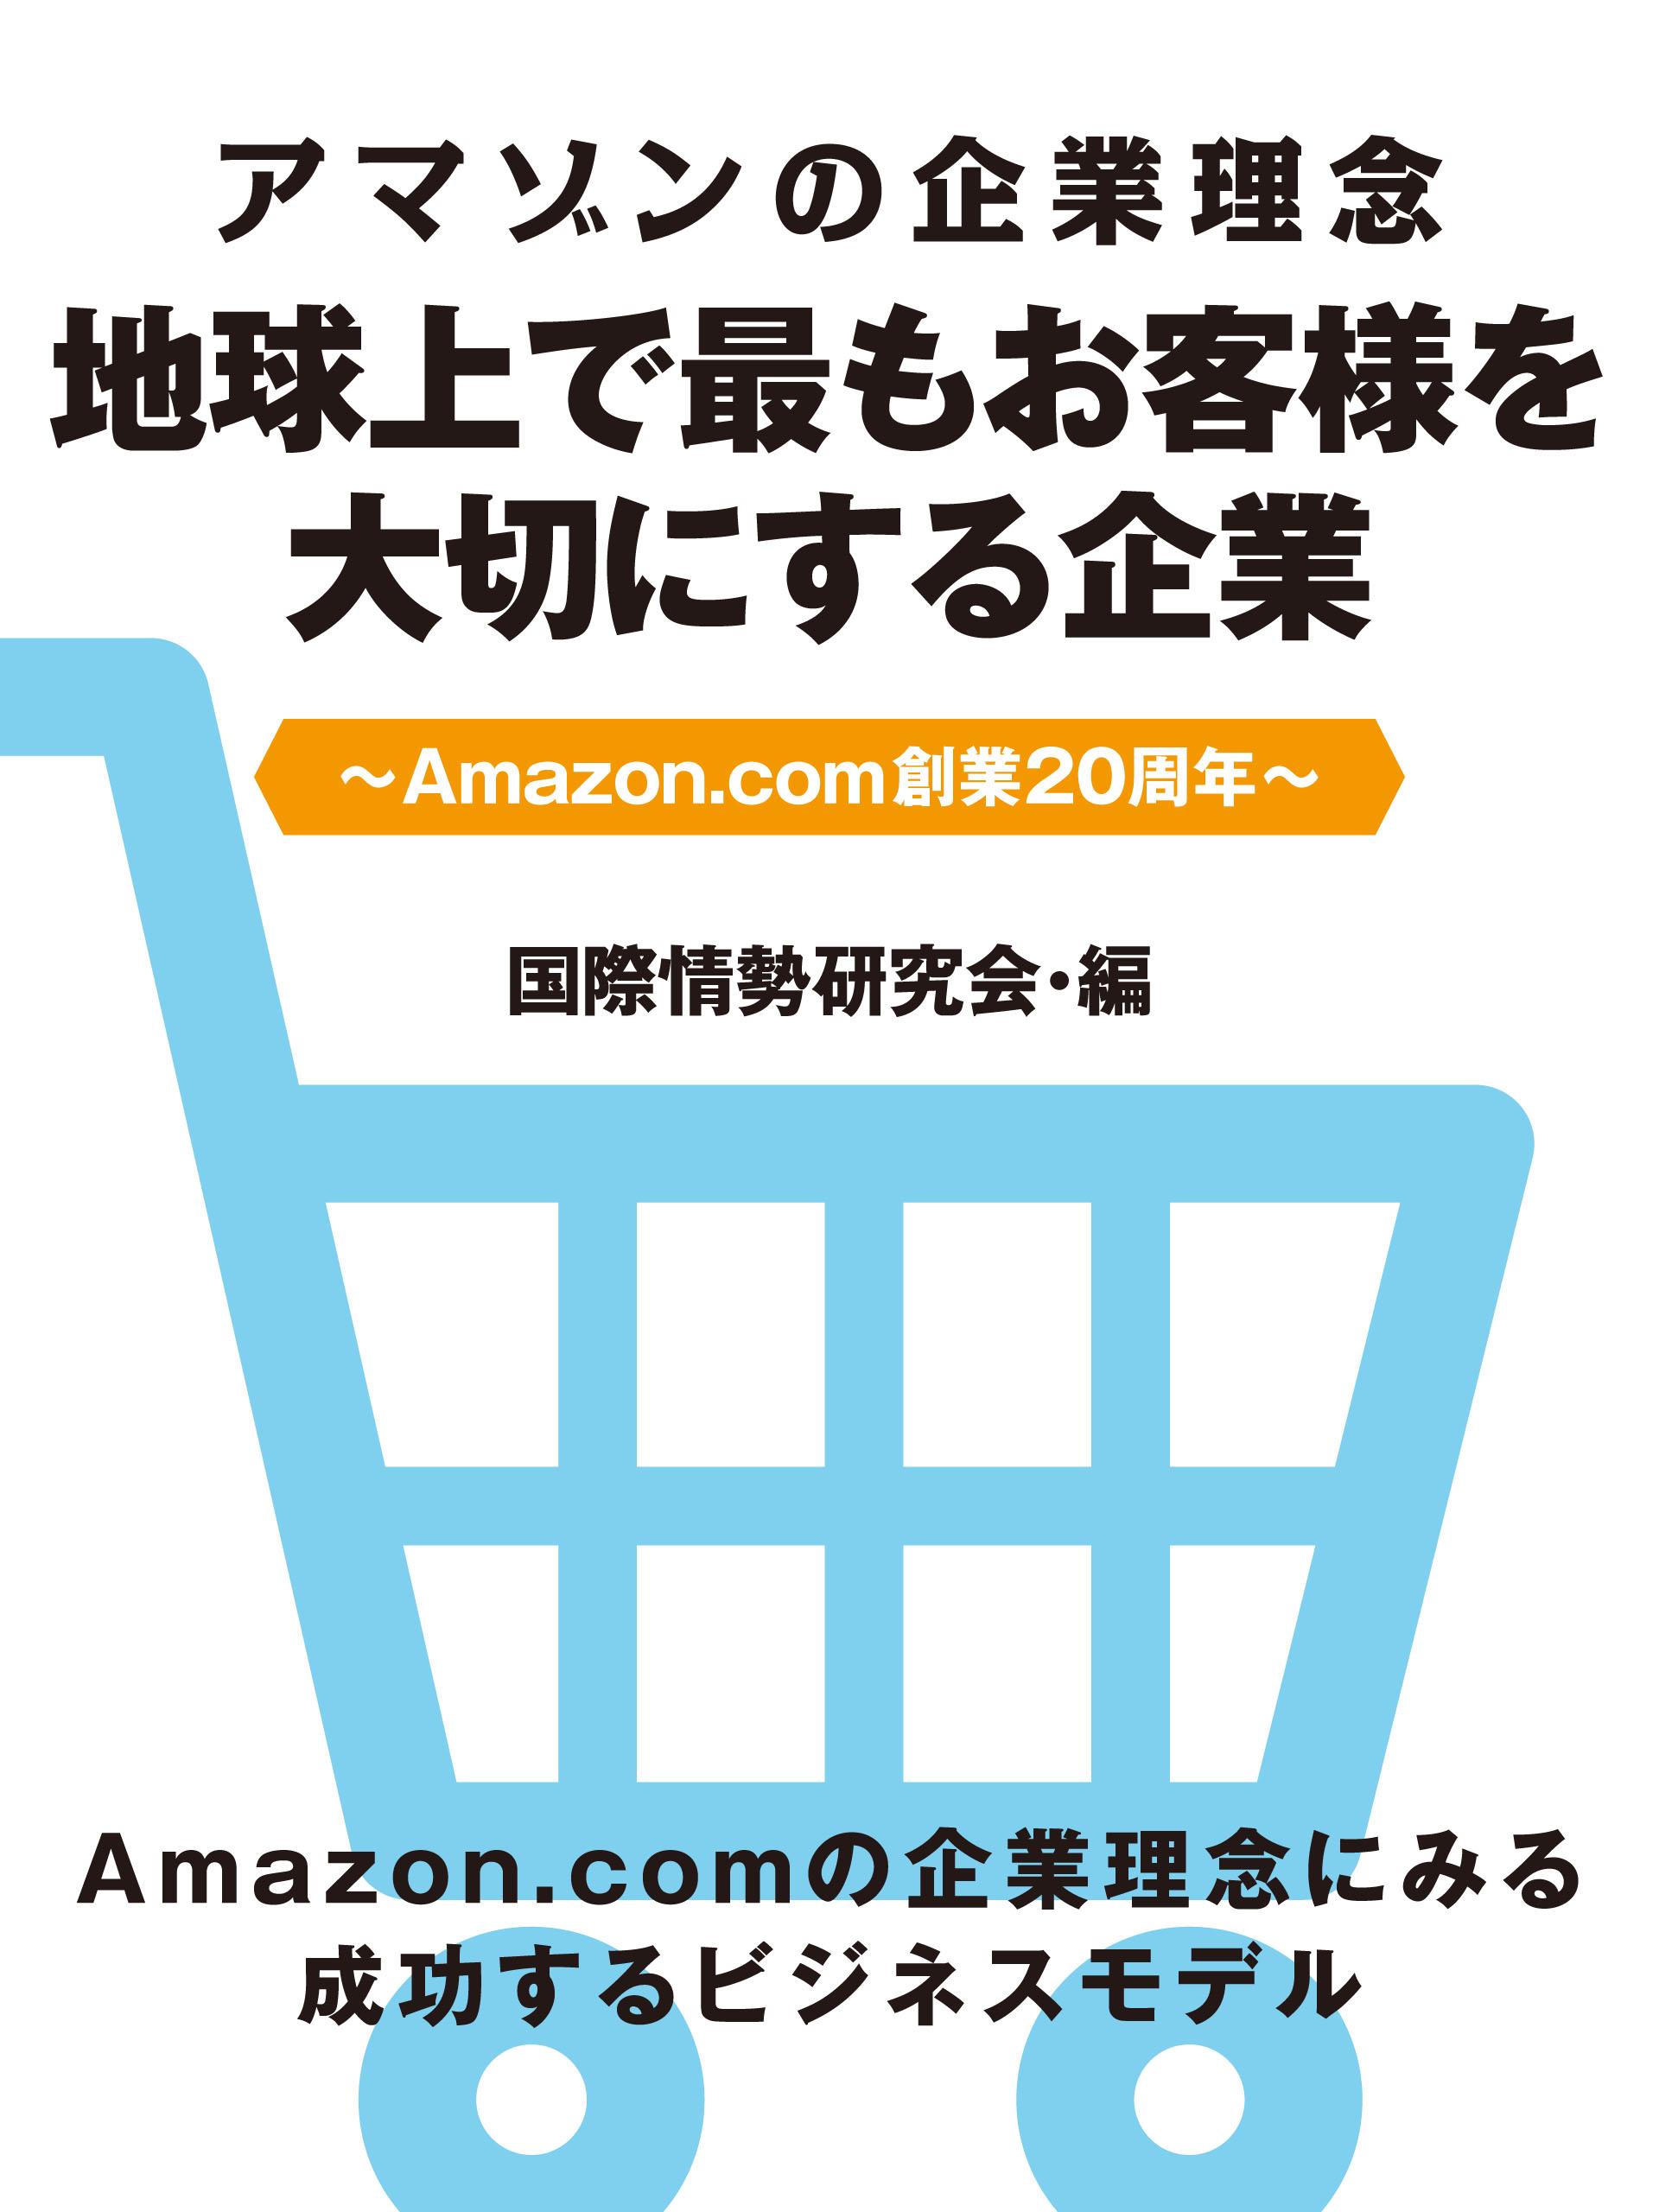 アマゾンの企業理念 地球上で最もお客様を大切にする企業 ~Amazon.com創業20周年~